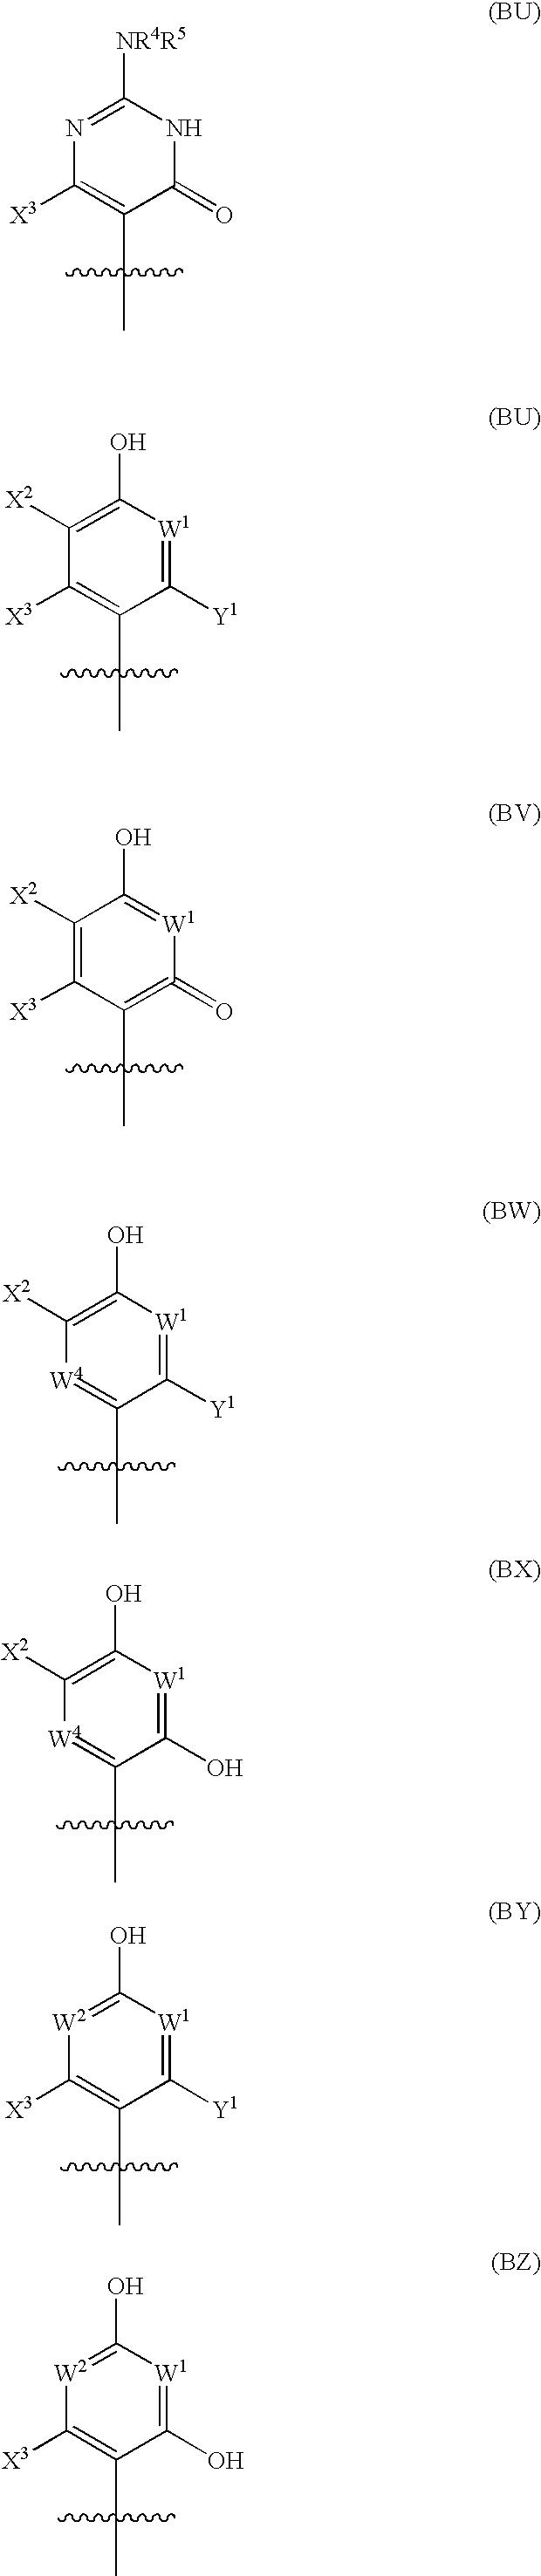 Figure US07384924-20080610-C00012